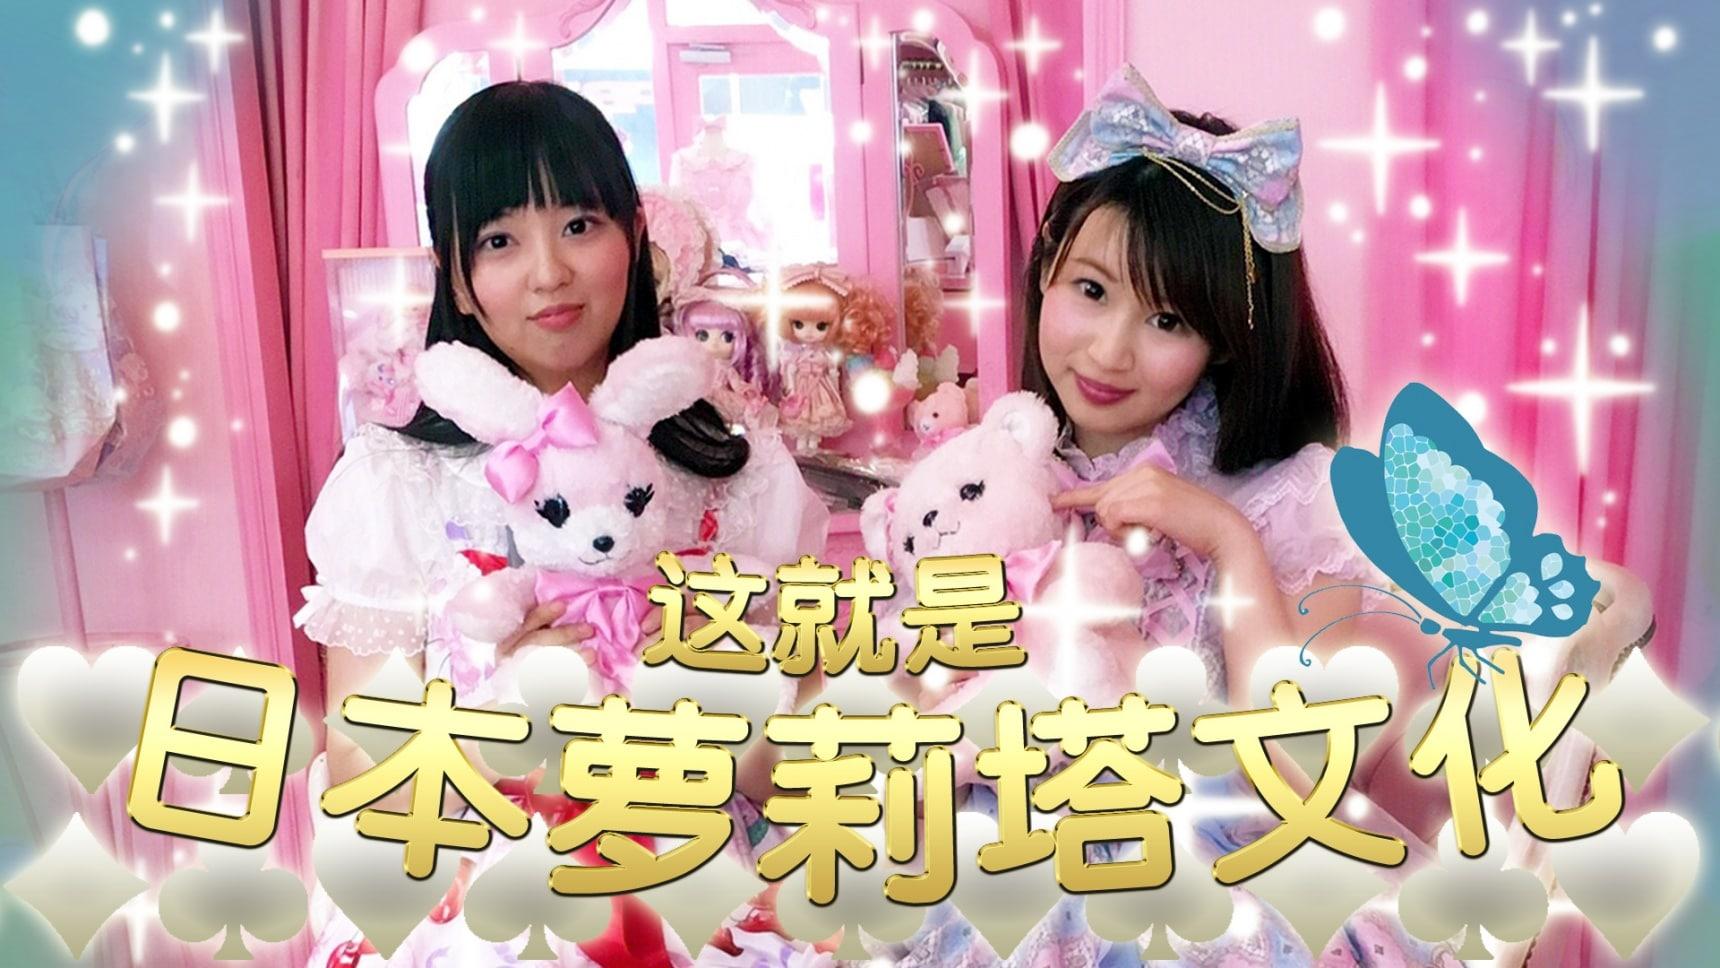 萌死人!日本的萝莉塔文化